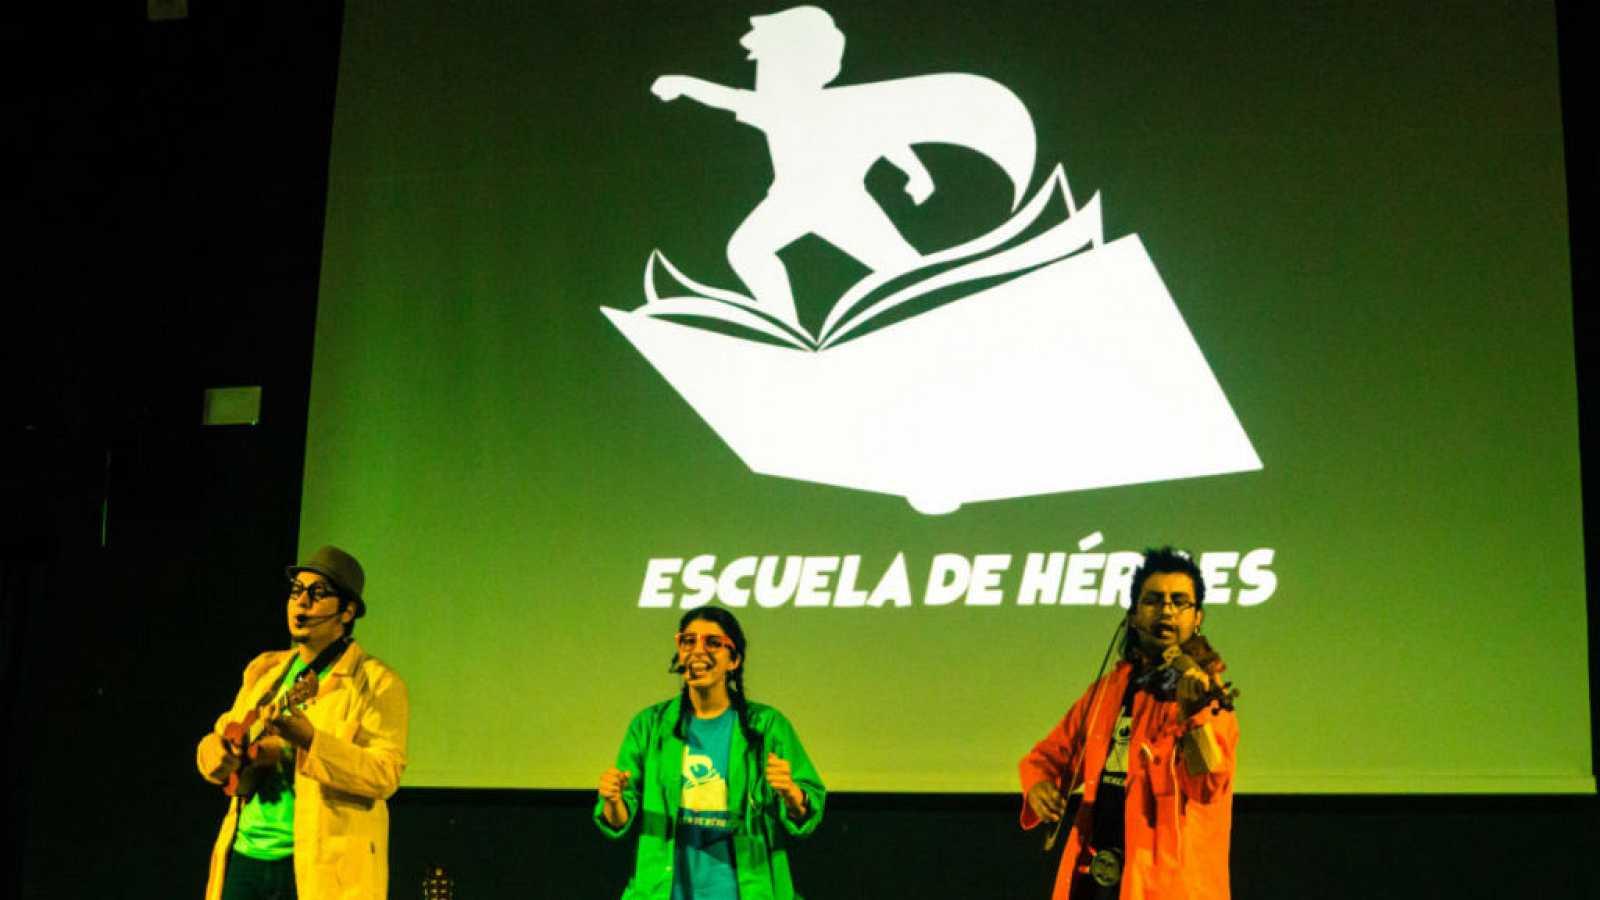 Educar para la paz - Escuela de héroes - 08/10/19 - escuchar ahora